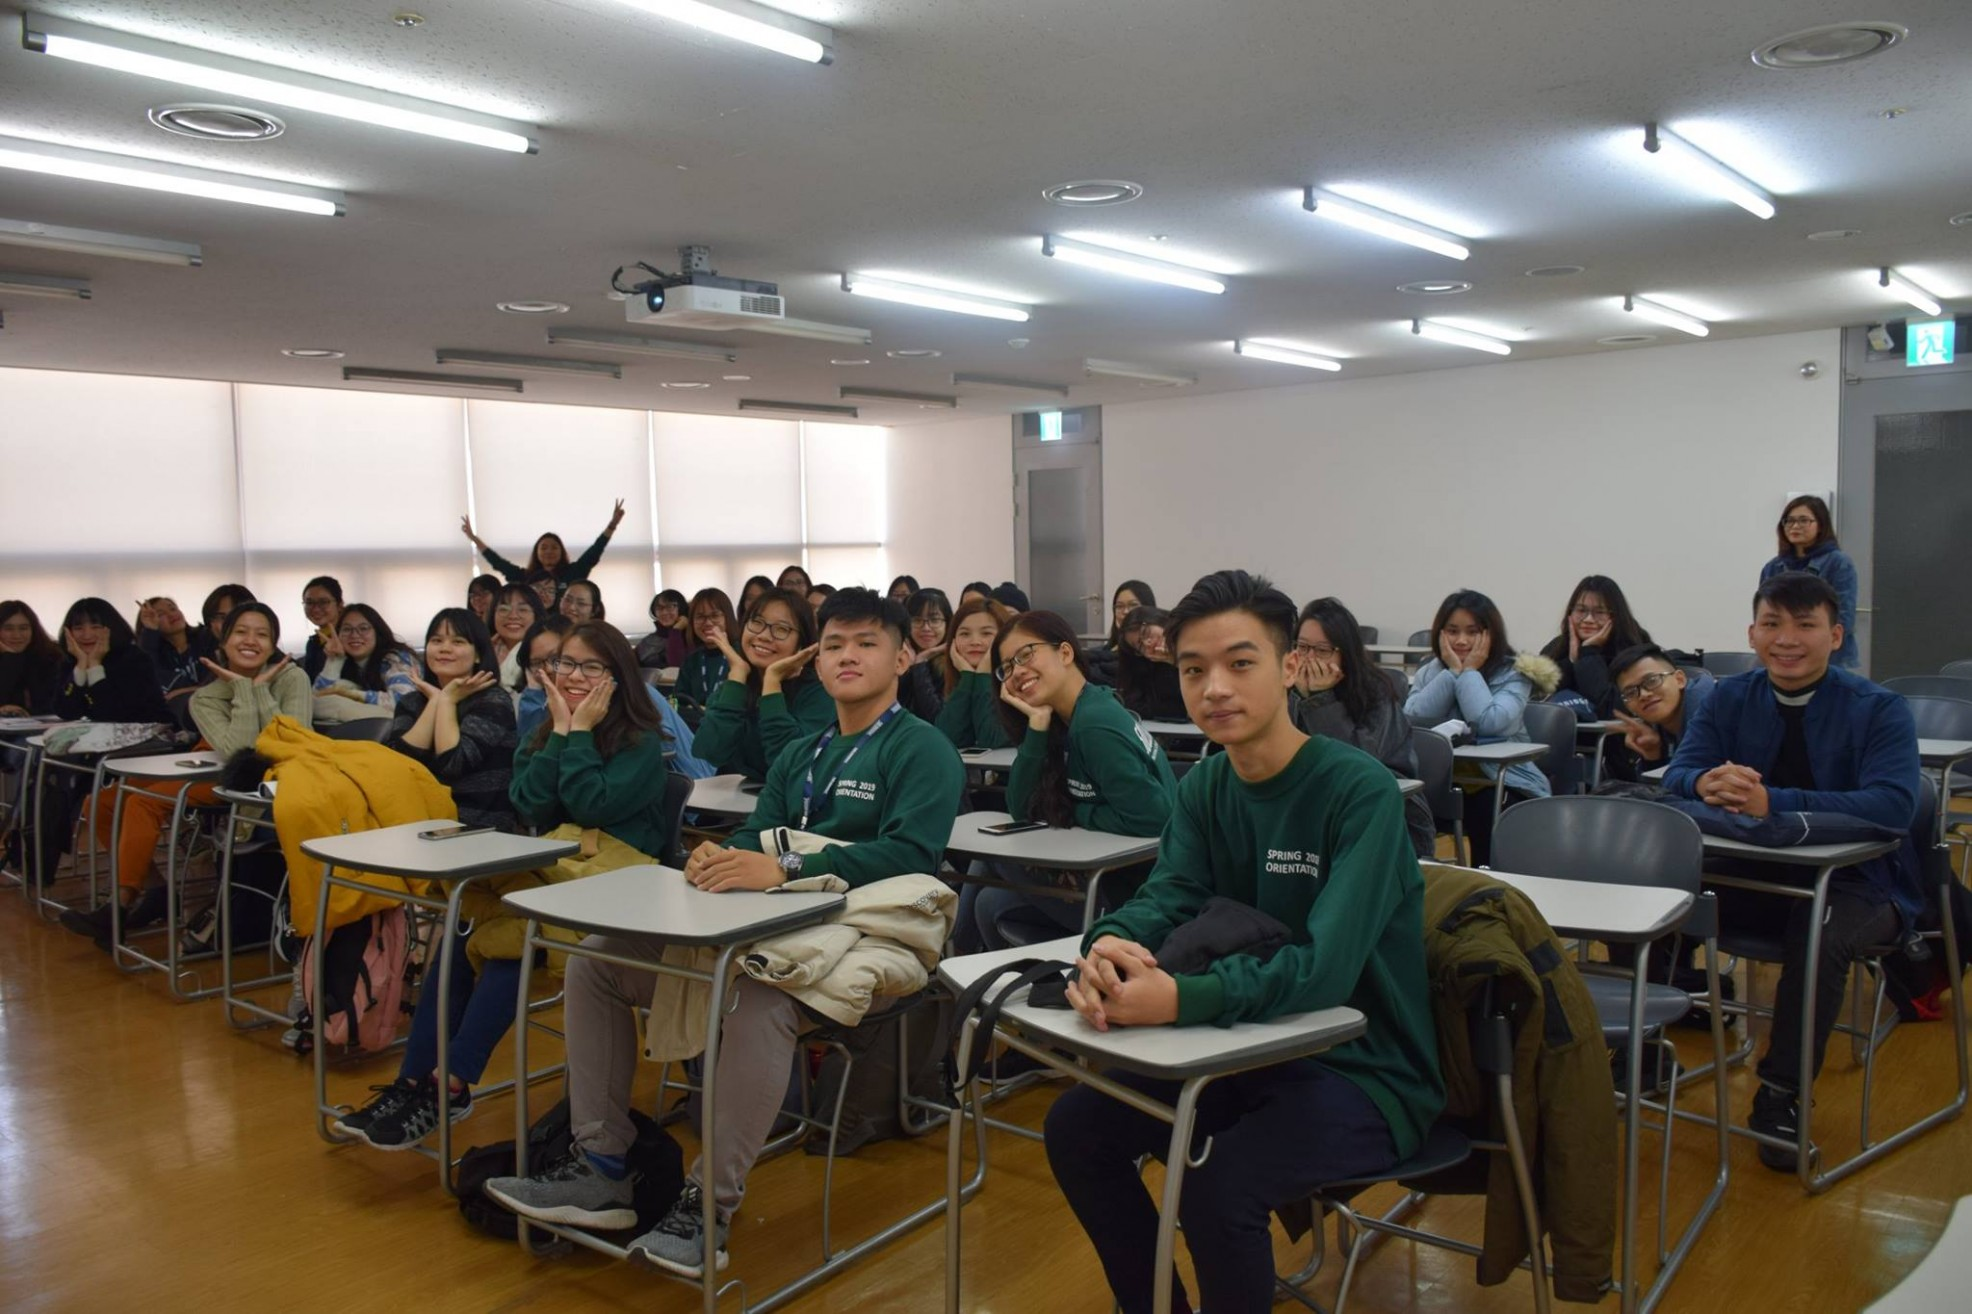 Du học sinh MAP Thư Phan hiện du học hàn quốc bằng tiếng anh tại Solbirdge và nhận học bổng 50%